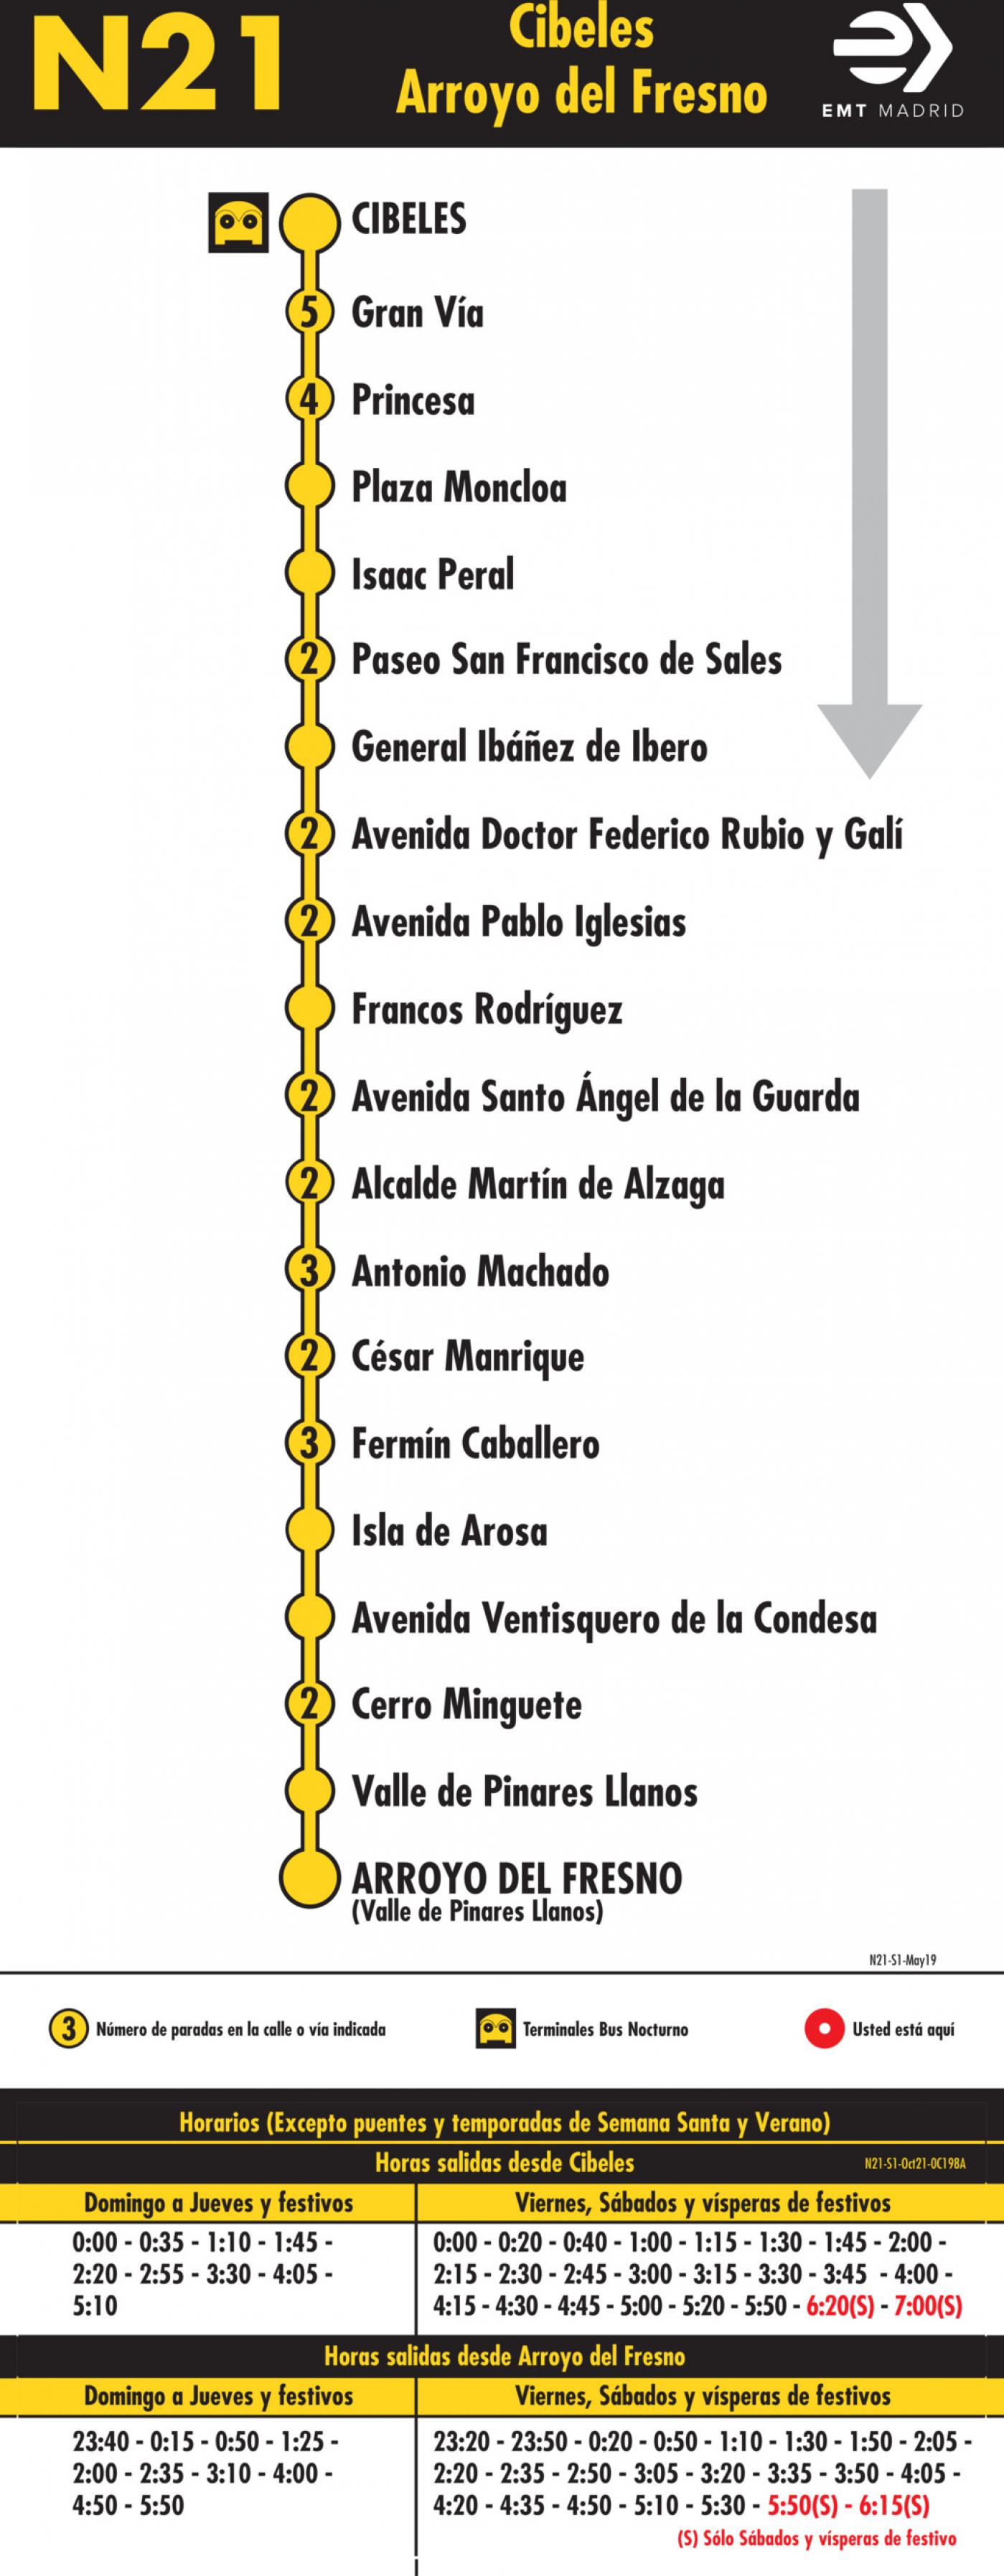 Tabla de horarios y frecuencias de paso en sentido ida Línea N21: Plaza de Cibeles - Arroyo del Fresno (búho)